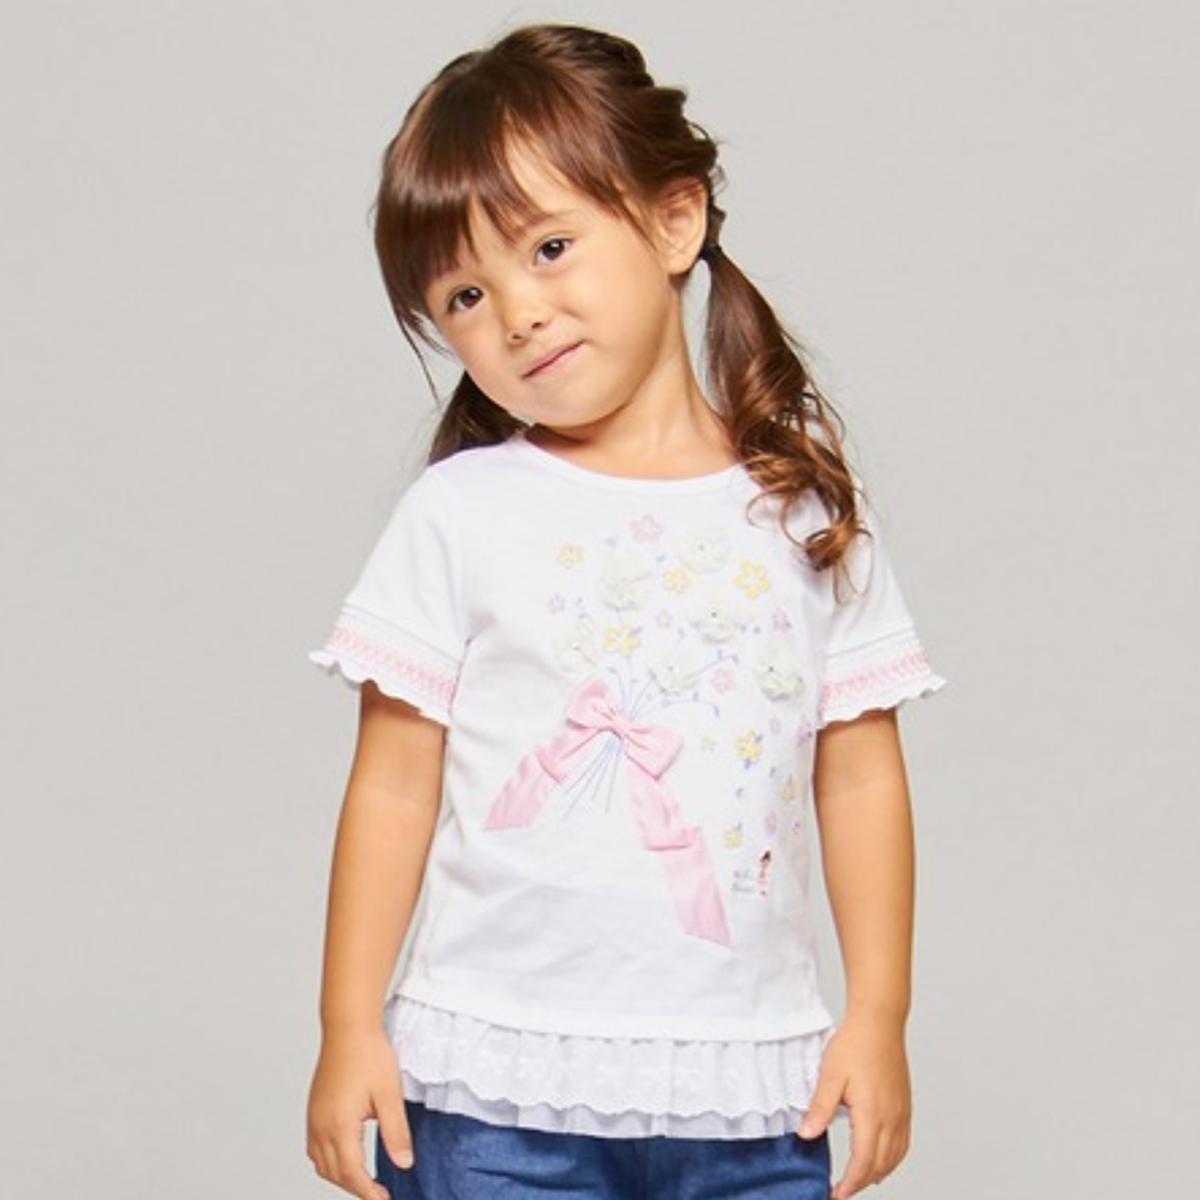 【MIKIHOUSE ミキハウス】スワロフスキー ラインストーン半袖Tシャツ(90cm・100cm)